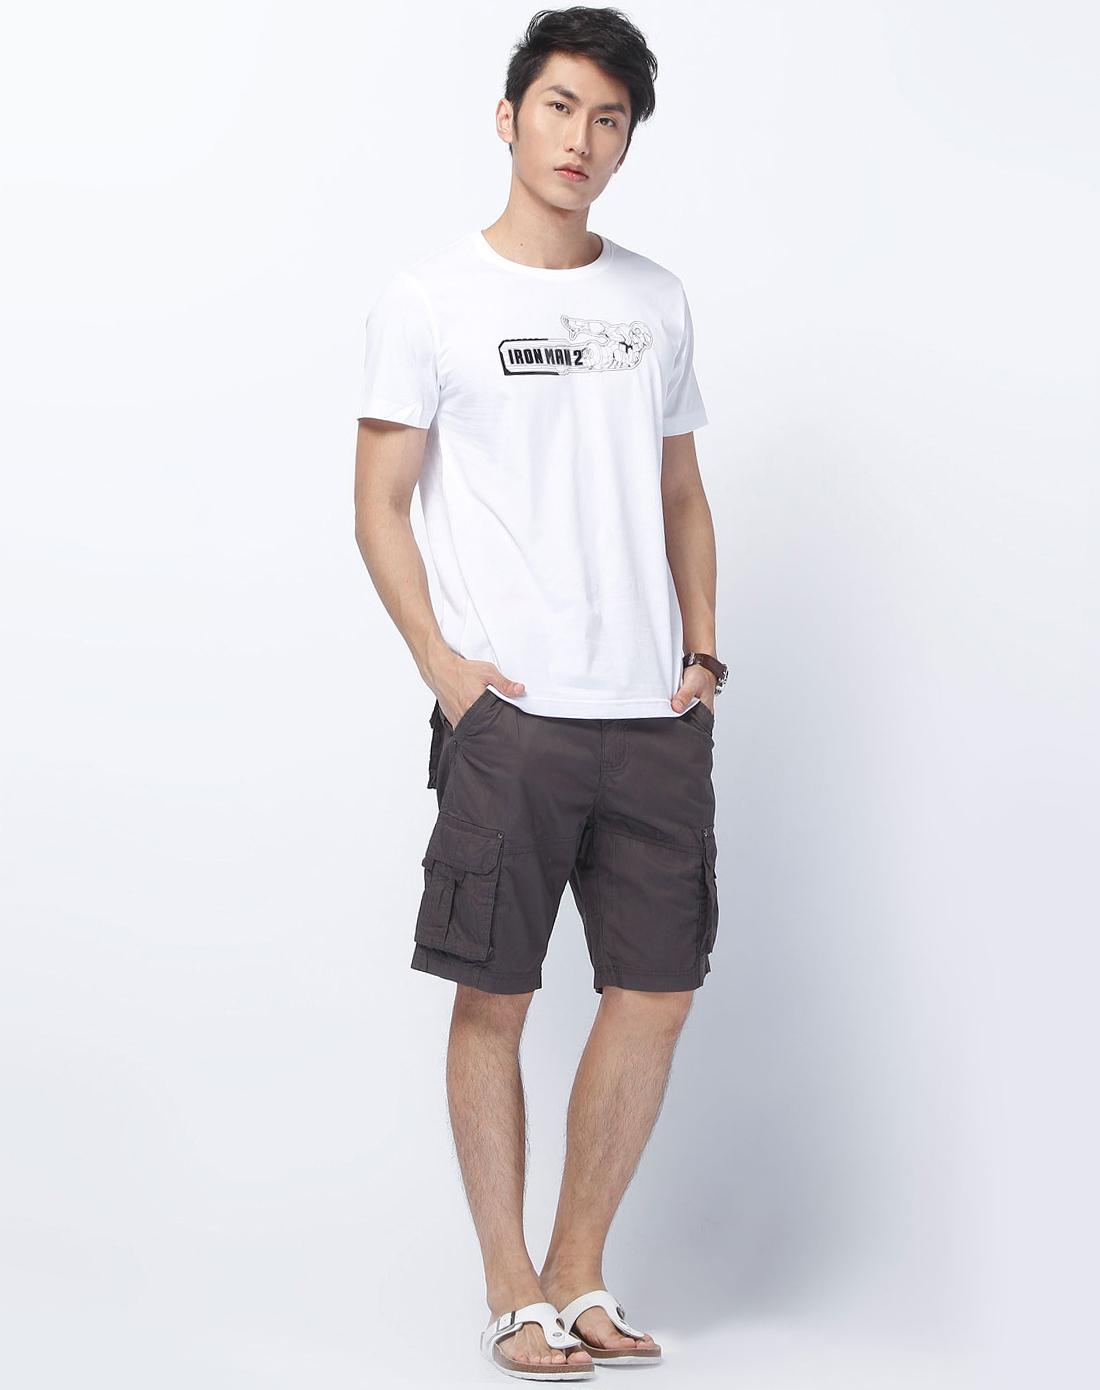 森马-男装白色烫图短袖t恤图片